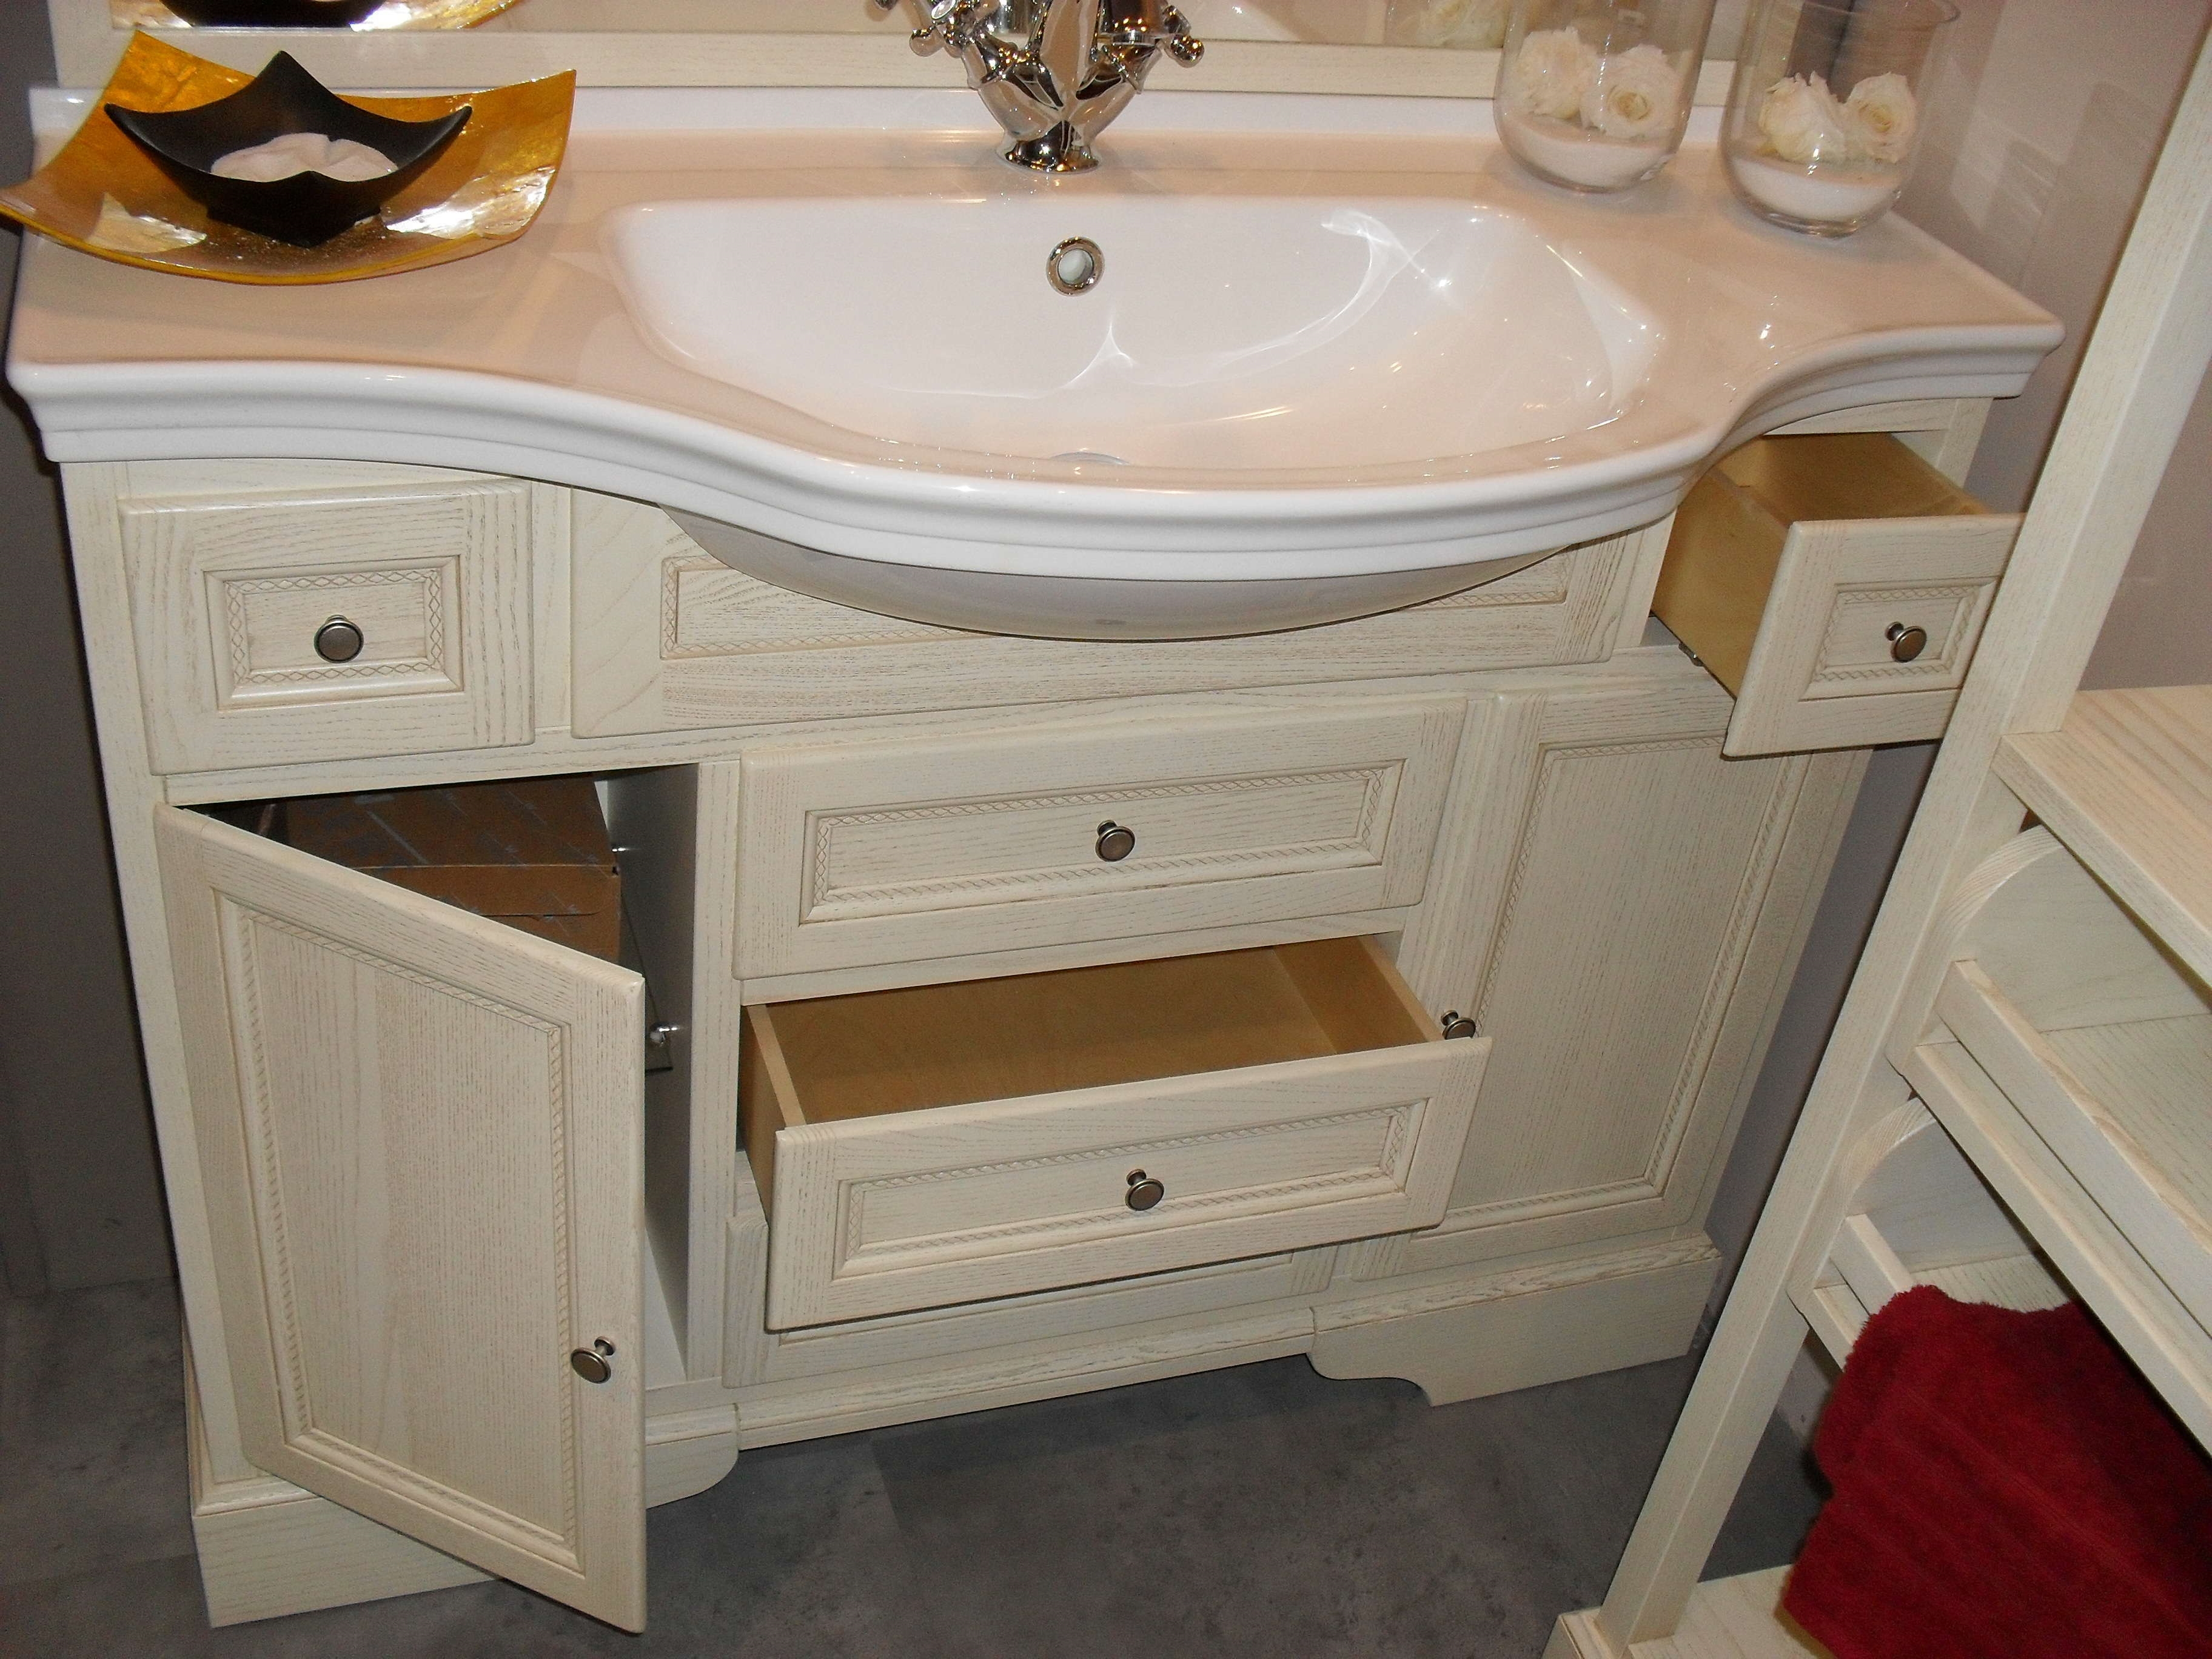 Sanitari bagno classici perfect sanitari per bagno for Prezzi lavabo bagno